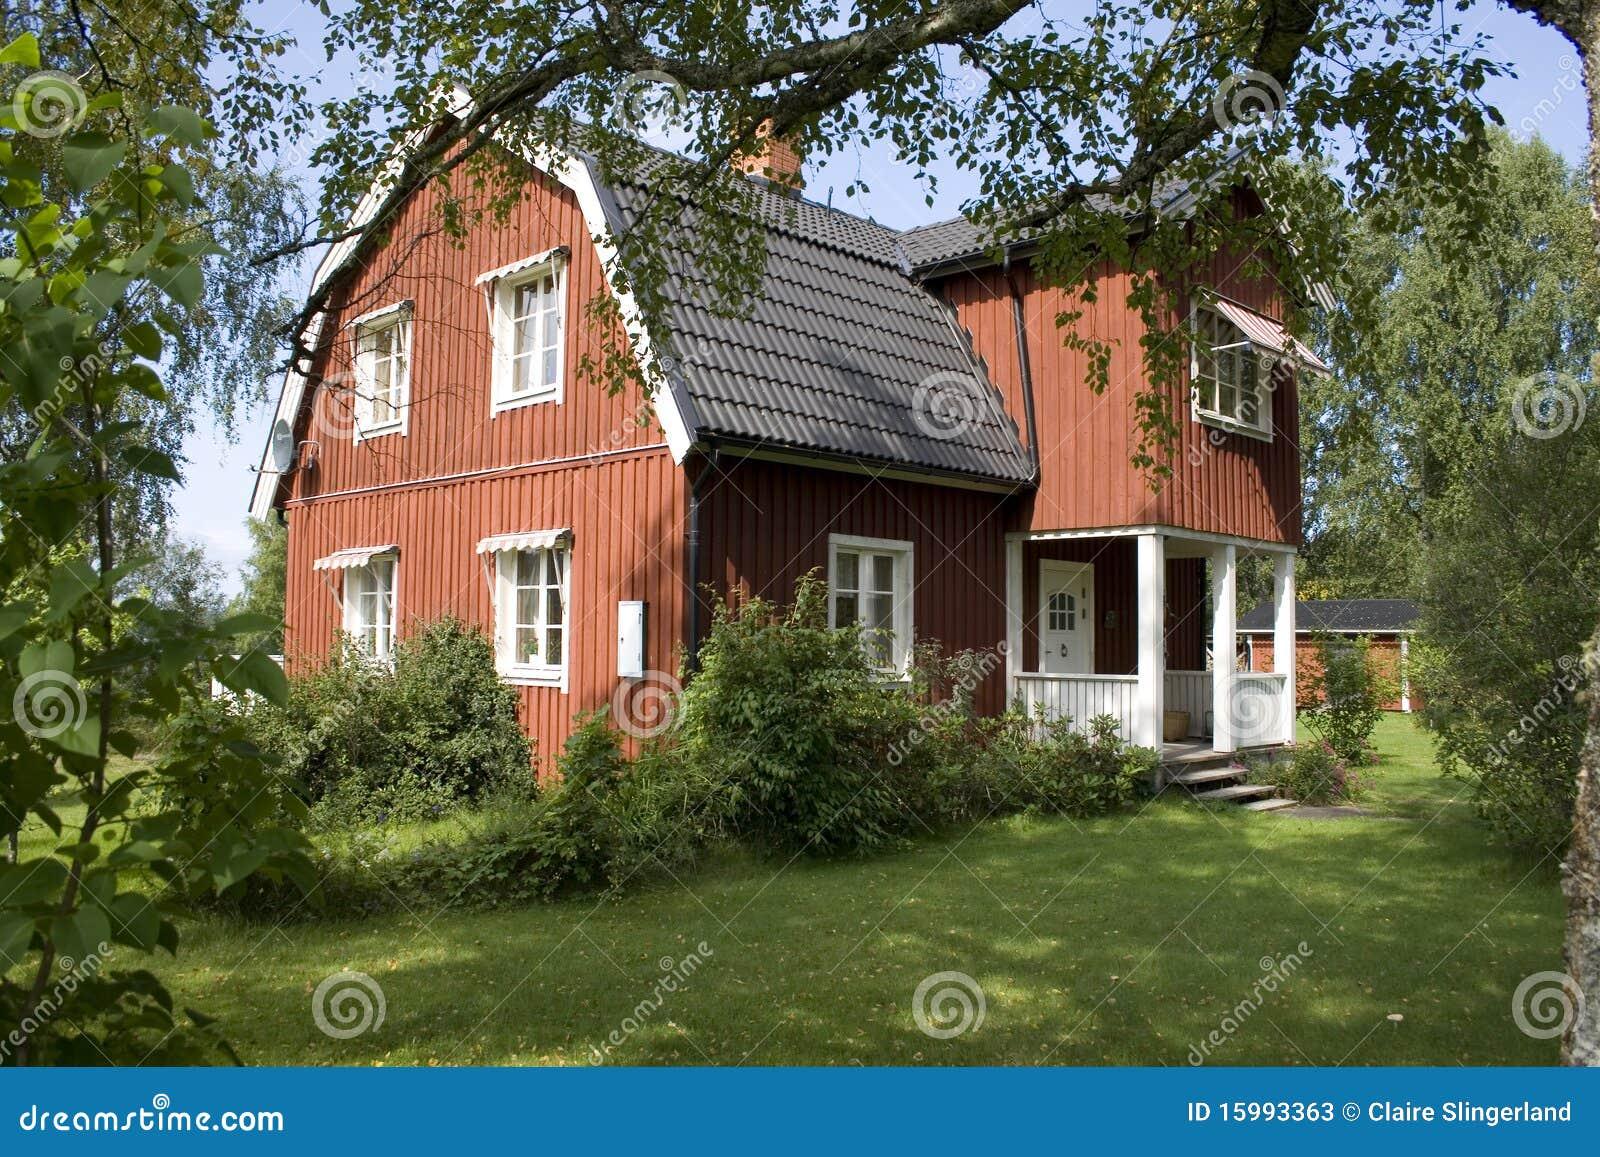 schwedisches haus stockbild. bild von haupt, schweden - 15993363